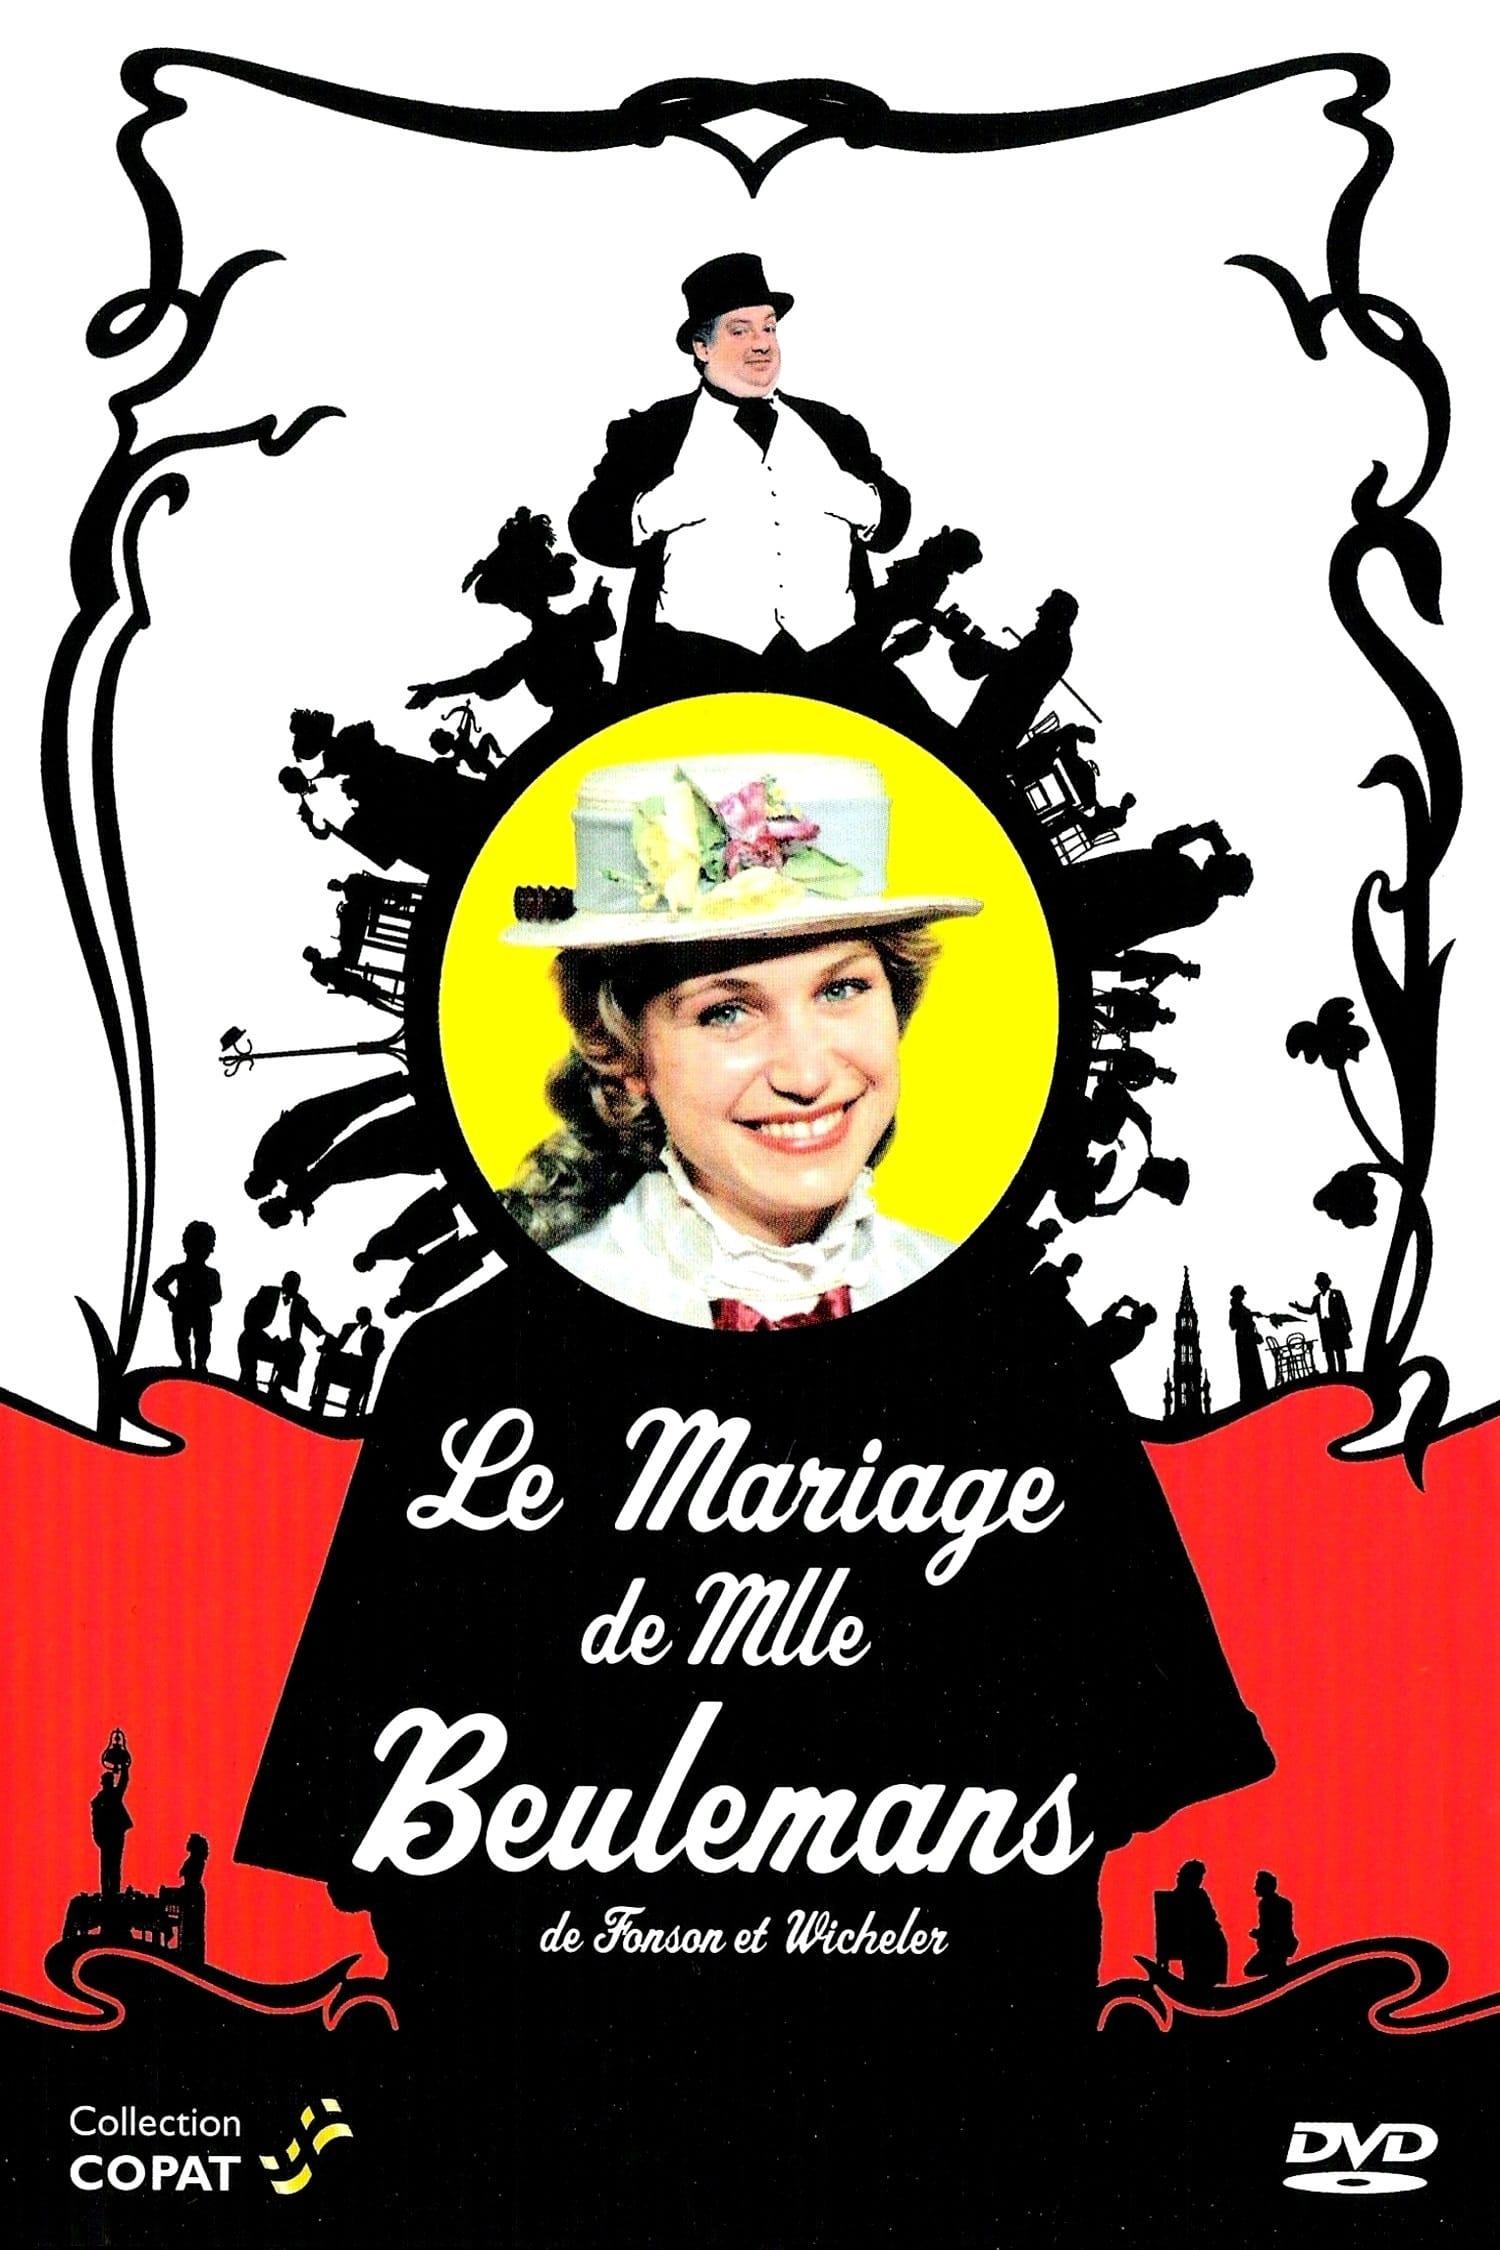 Le mariage de Mlle Beulemans (1978)